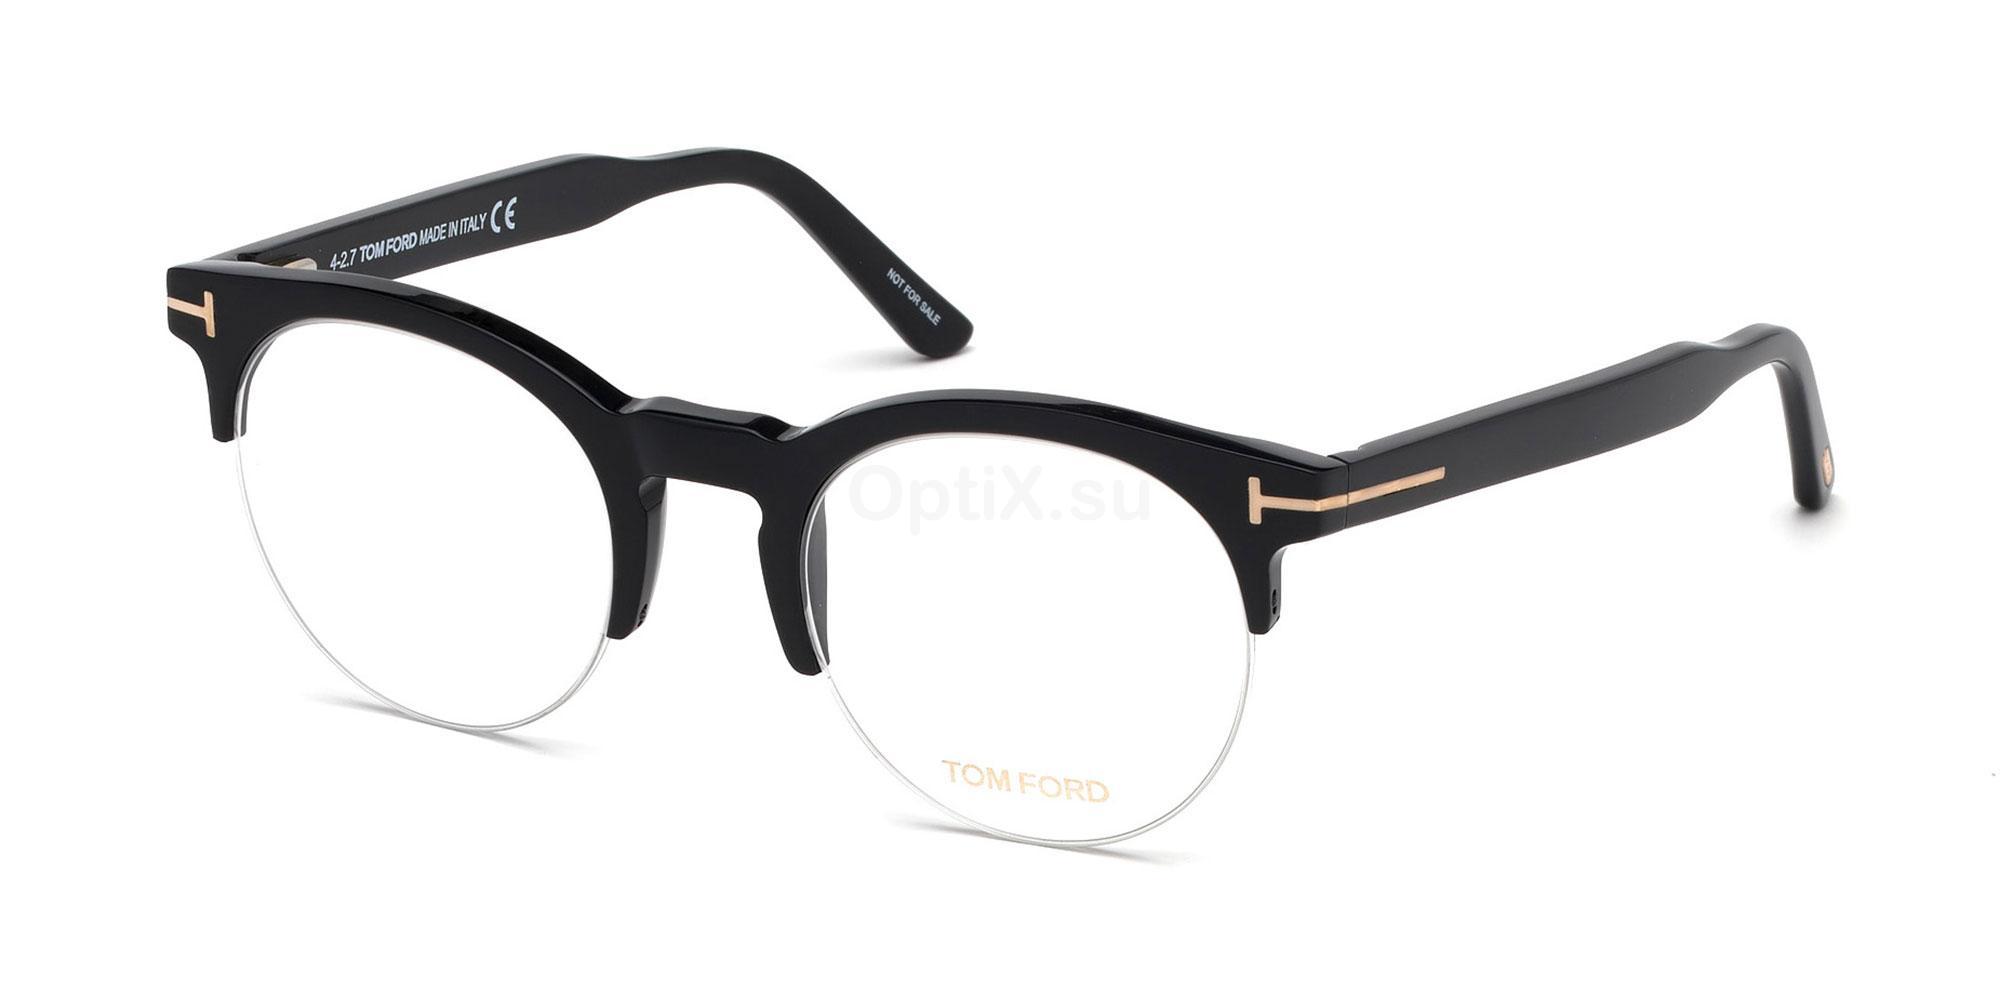 001 FT5539 Glasses, Tom Ford